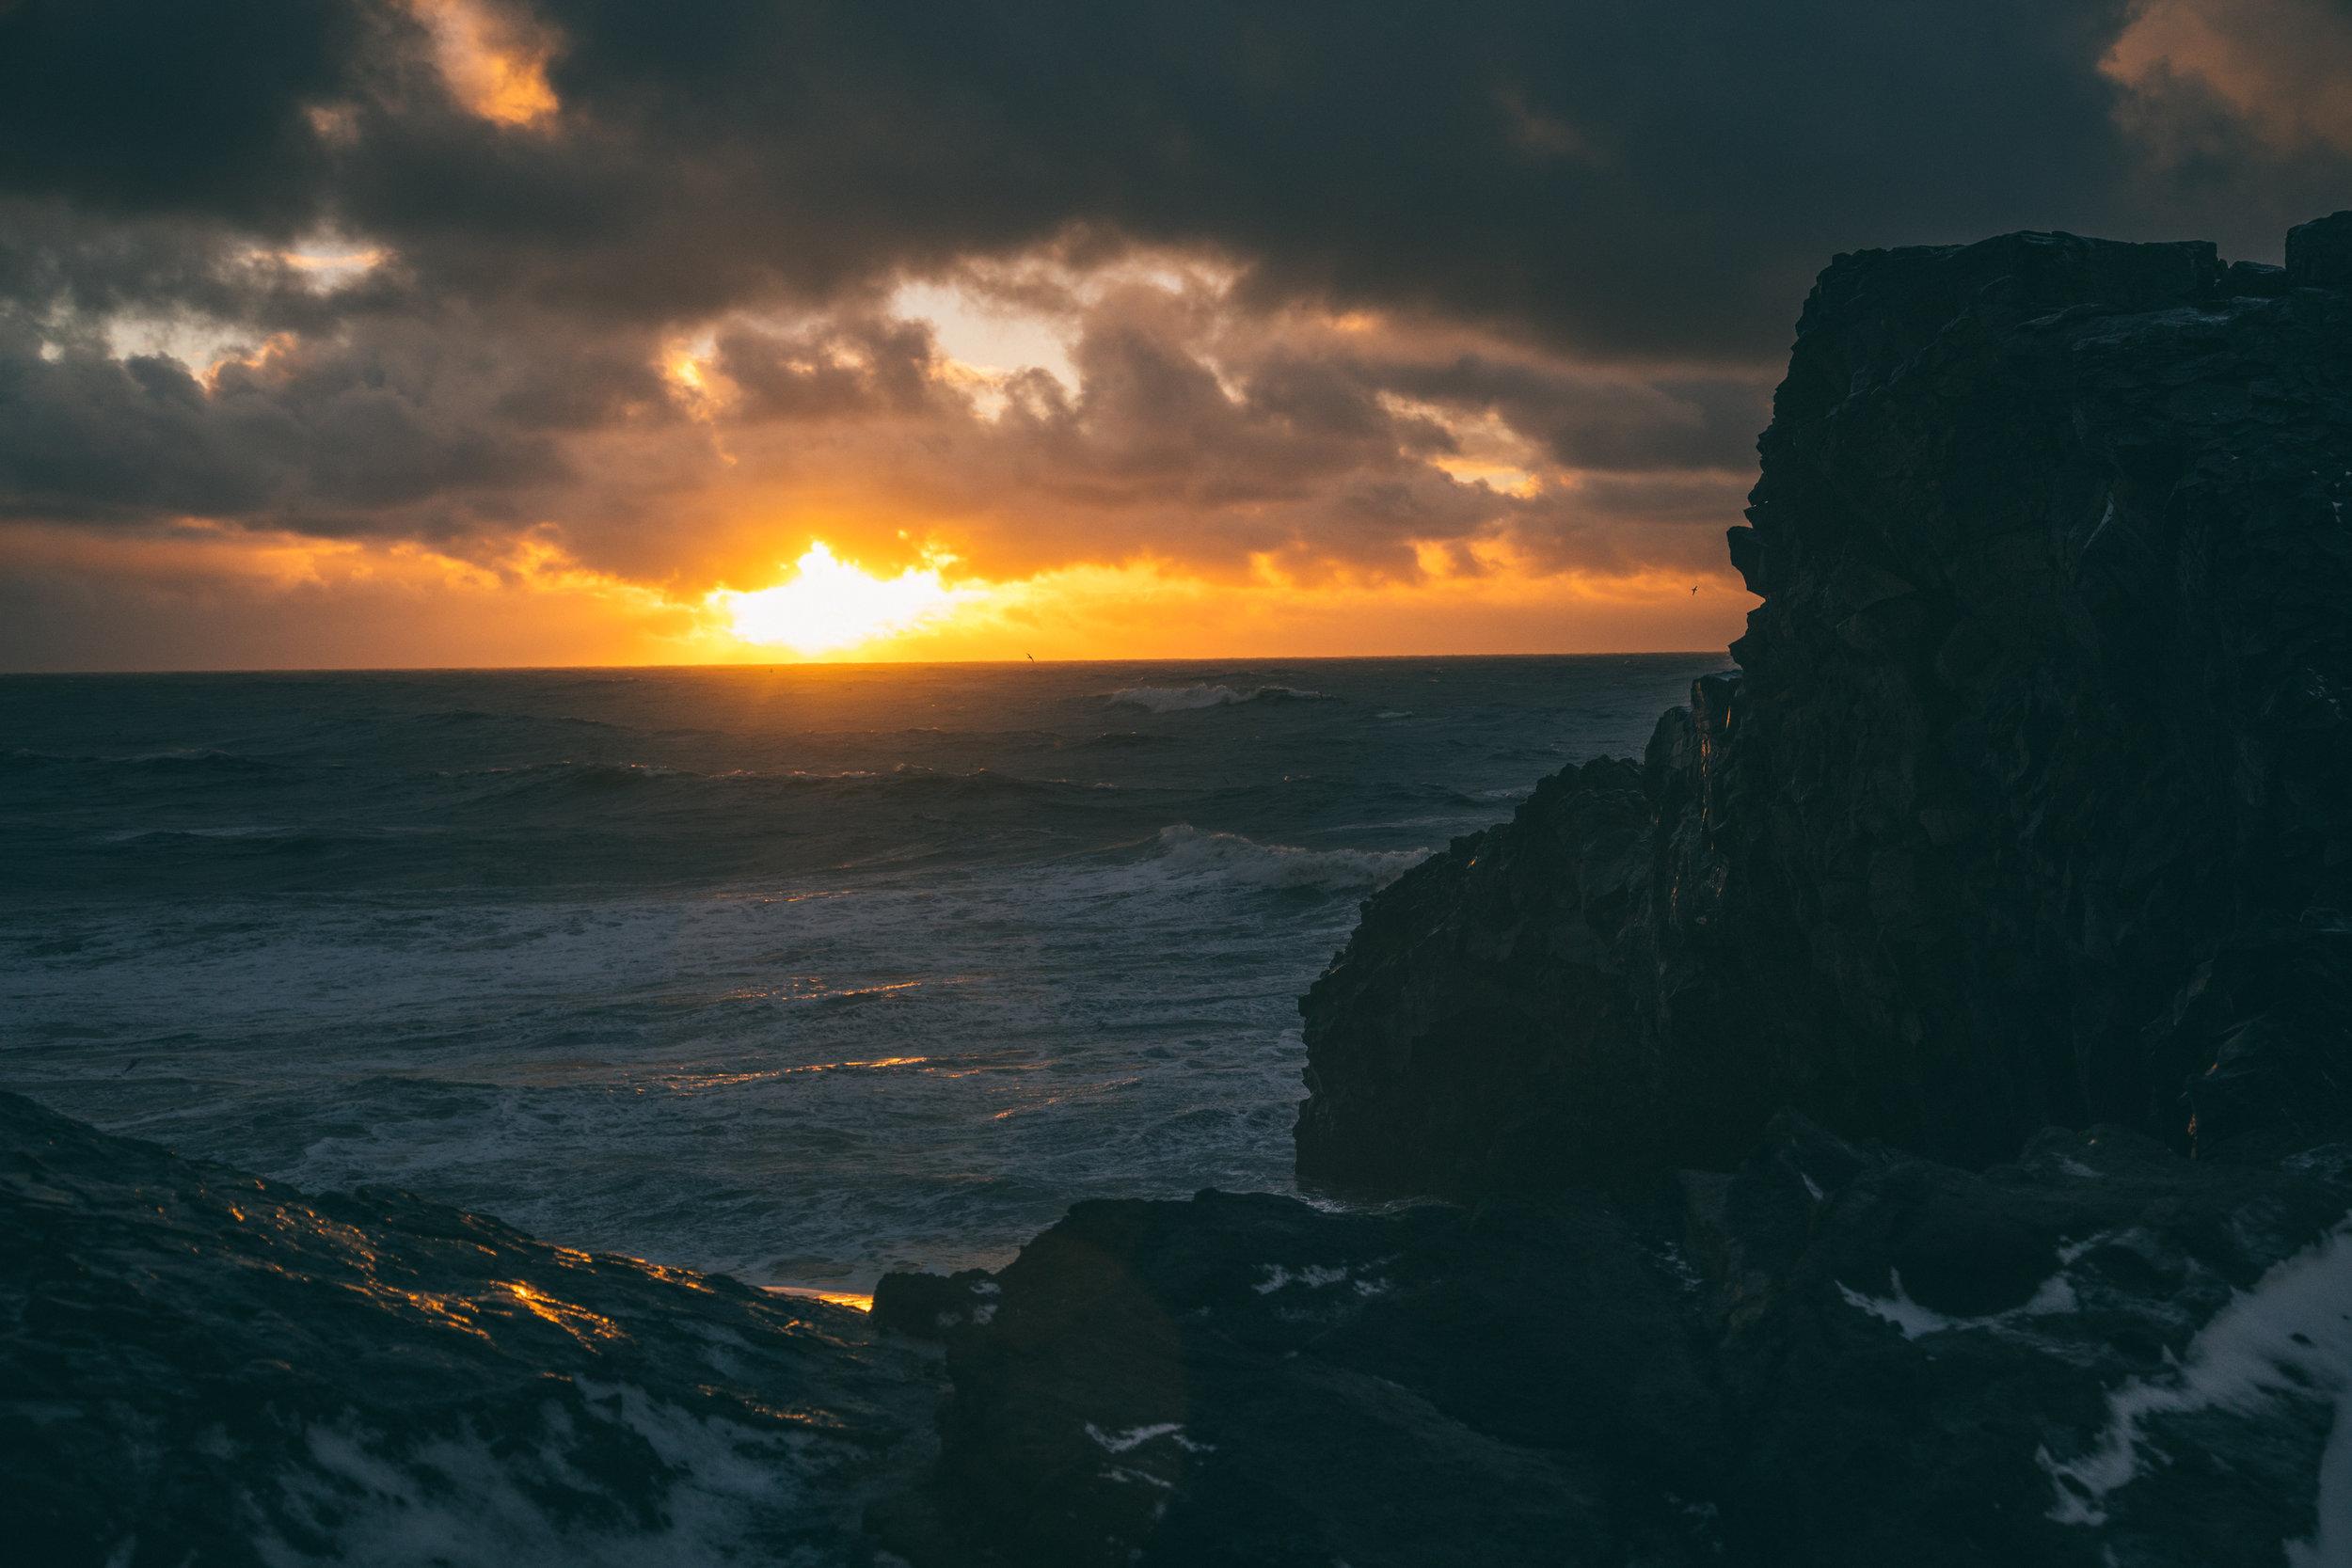 20170116-17.01.16_Kirkjufara Beach Sunrise_5D4_BK3-361.jpg